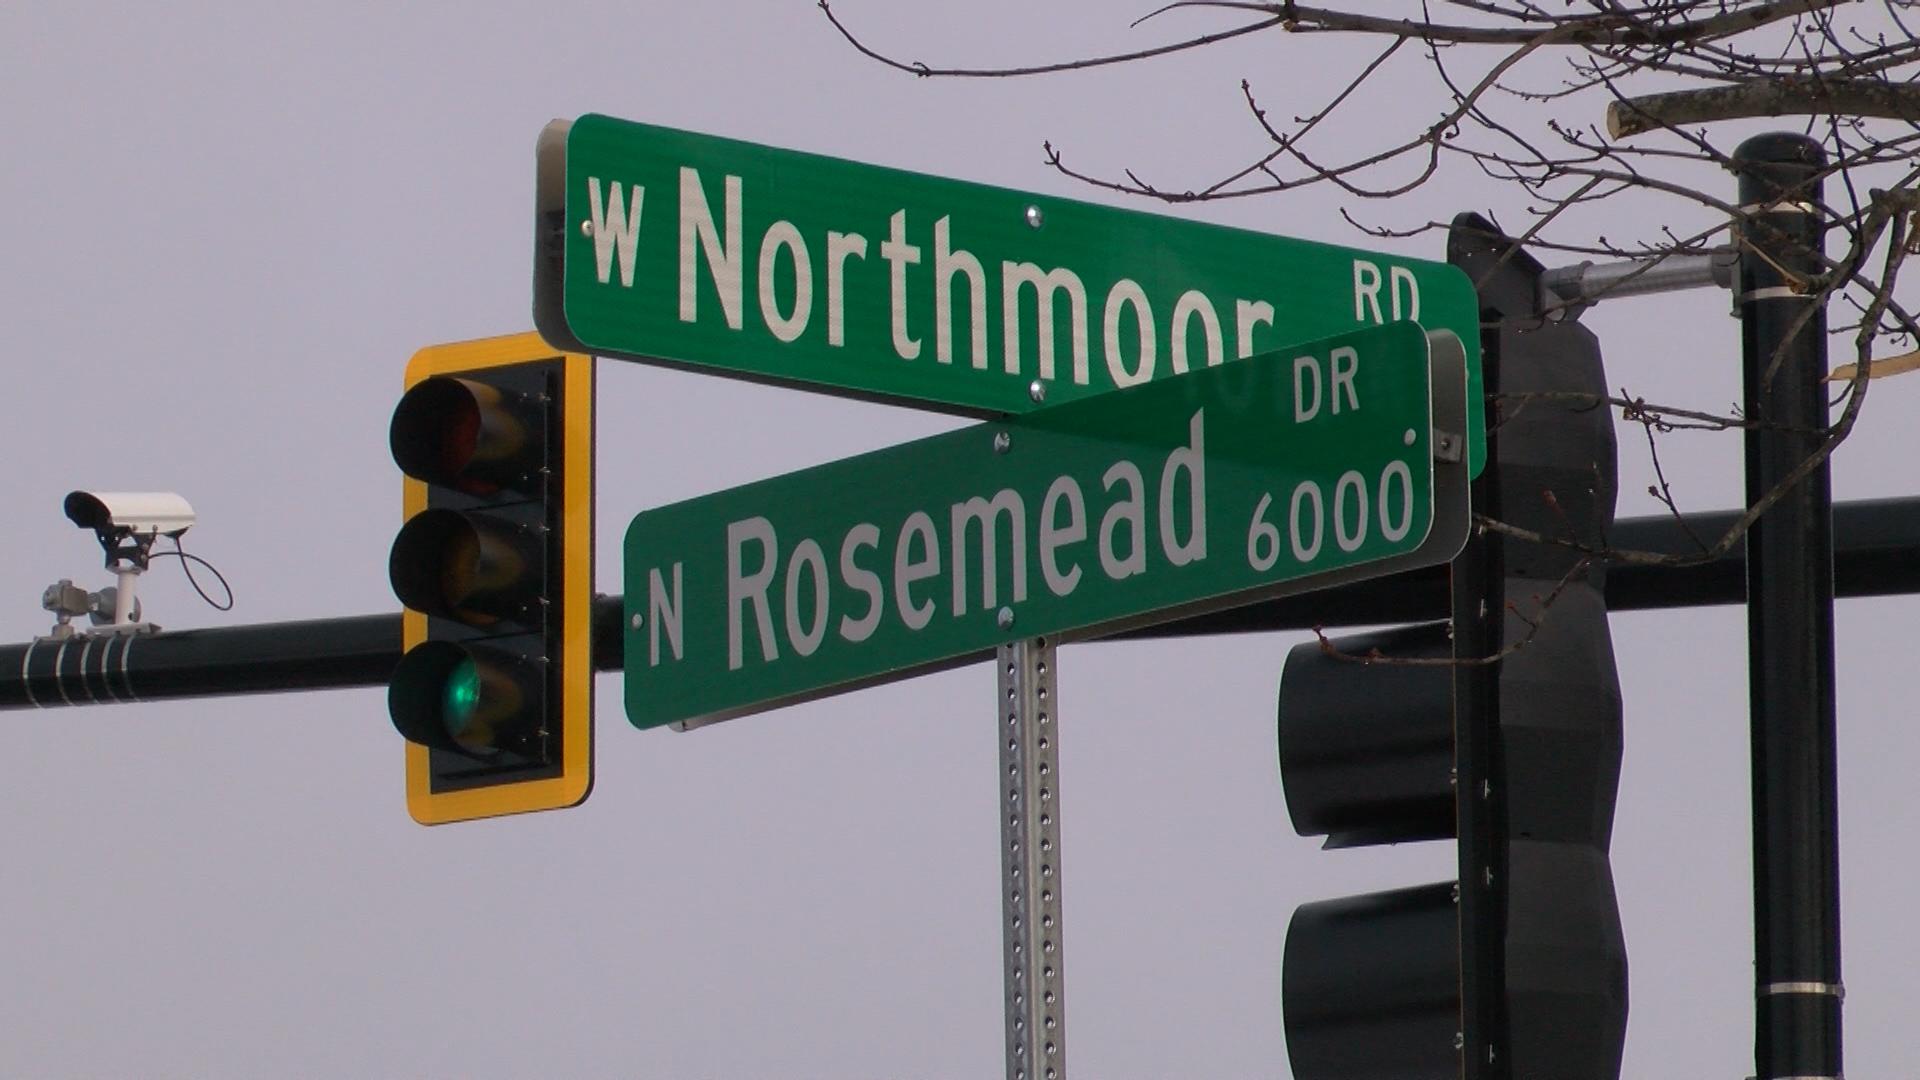 Northmoor_1515531820117.jpg